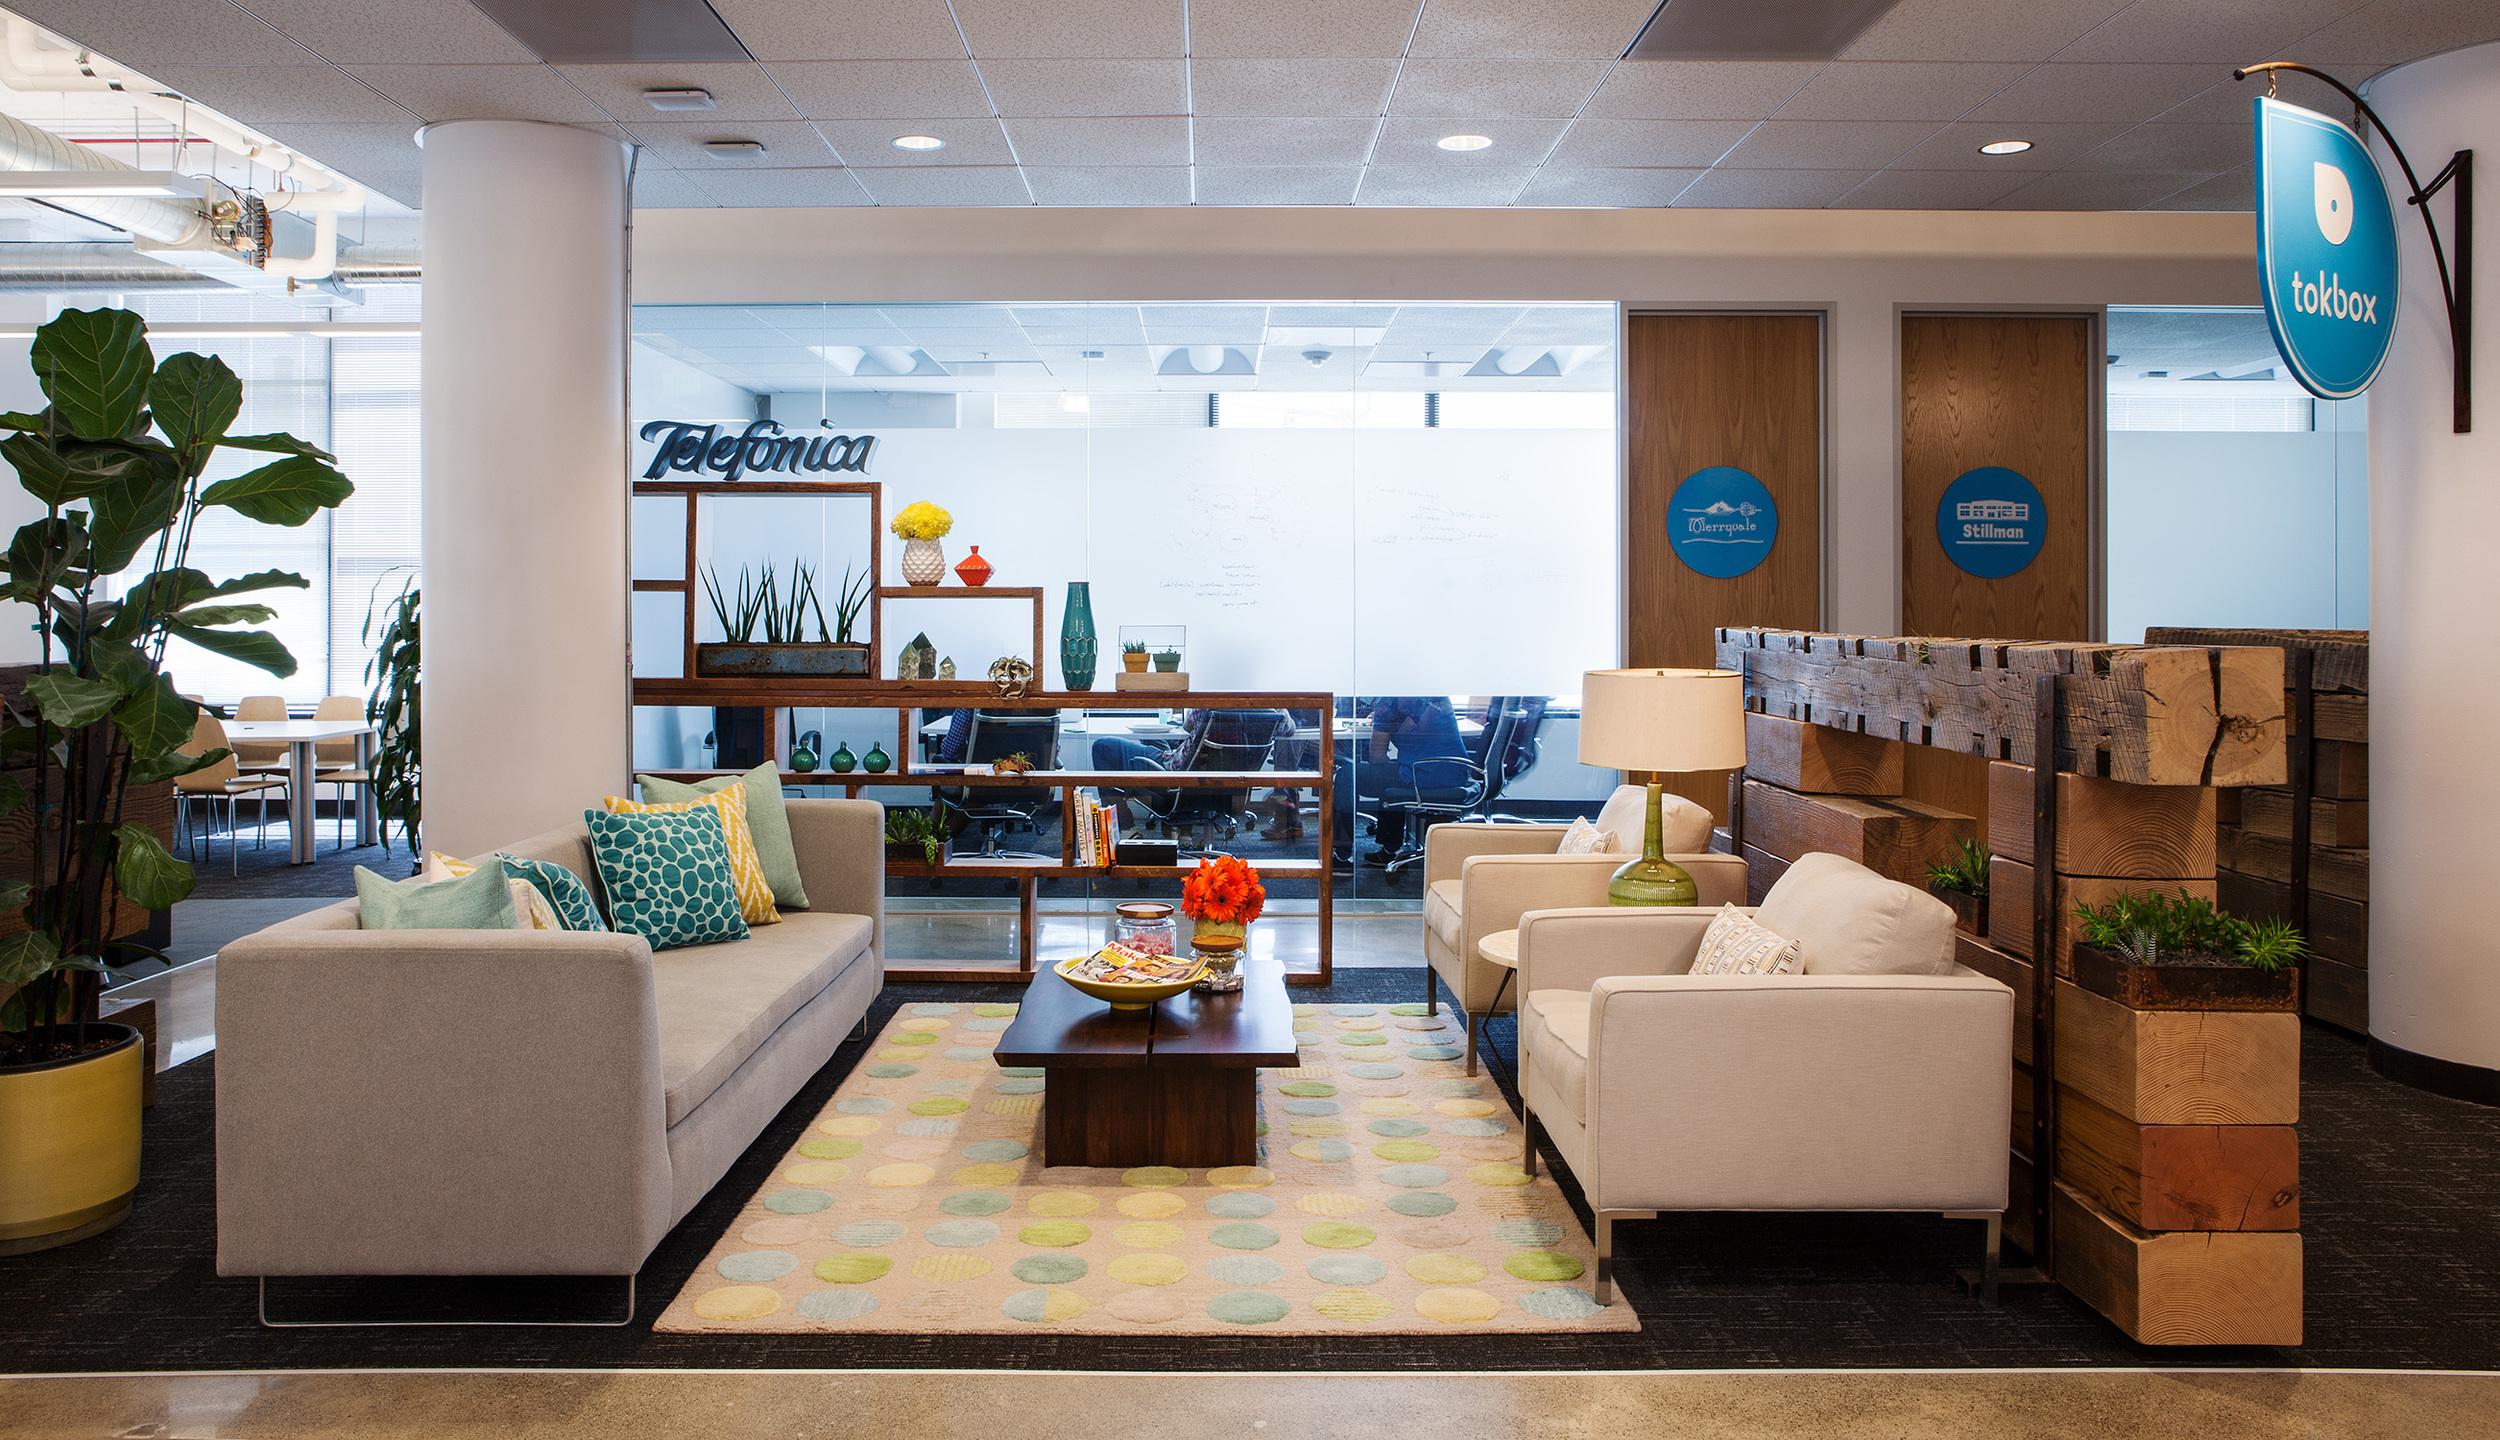 Janel Holiday Interior Design Reception.jpg